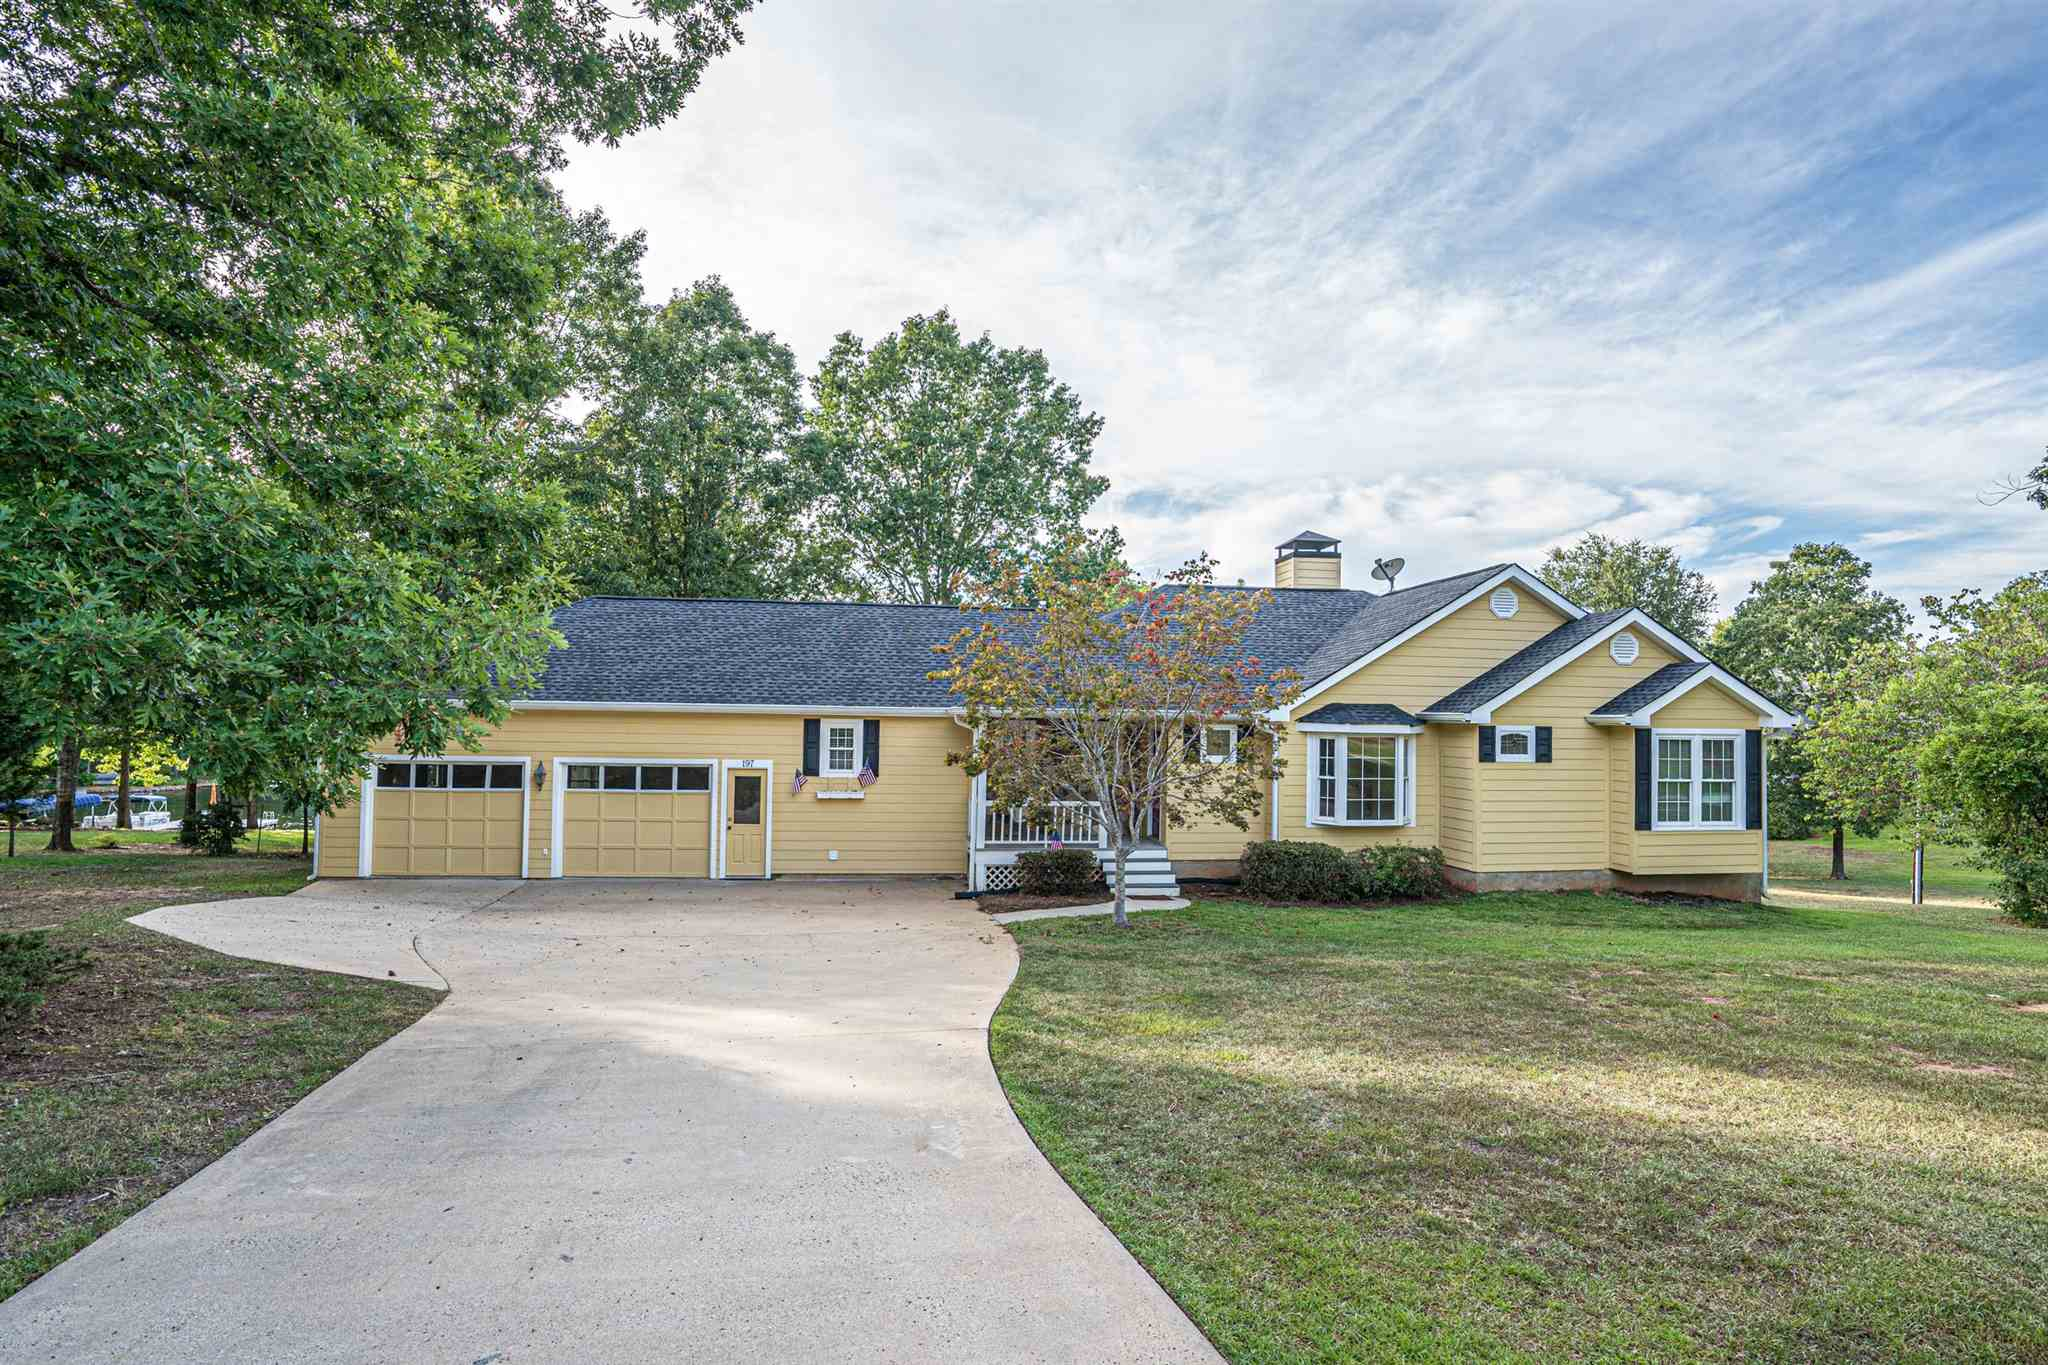 197 N LONG ISLAND DRIVE, Lake Oconee in Putnam County, GA 31024 Home for Sale